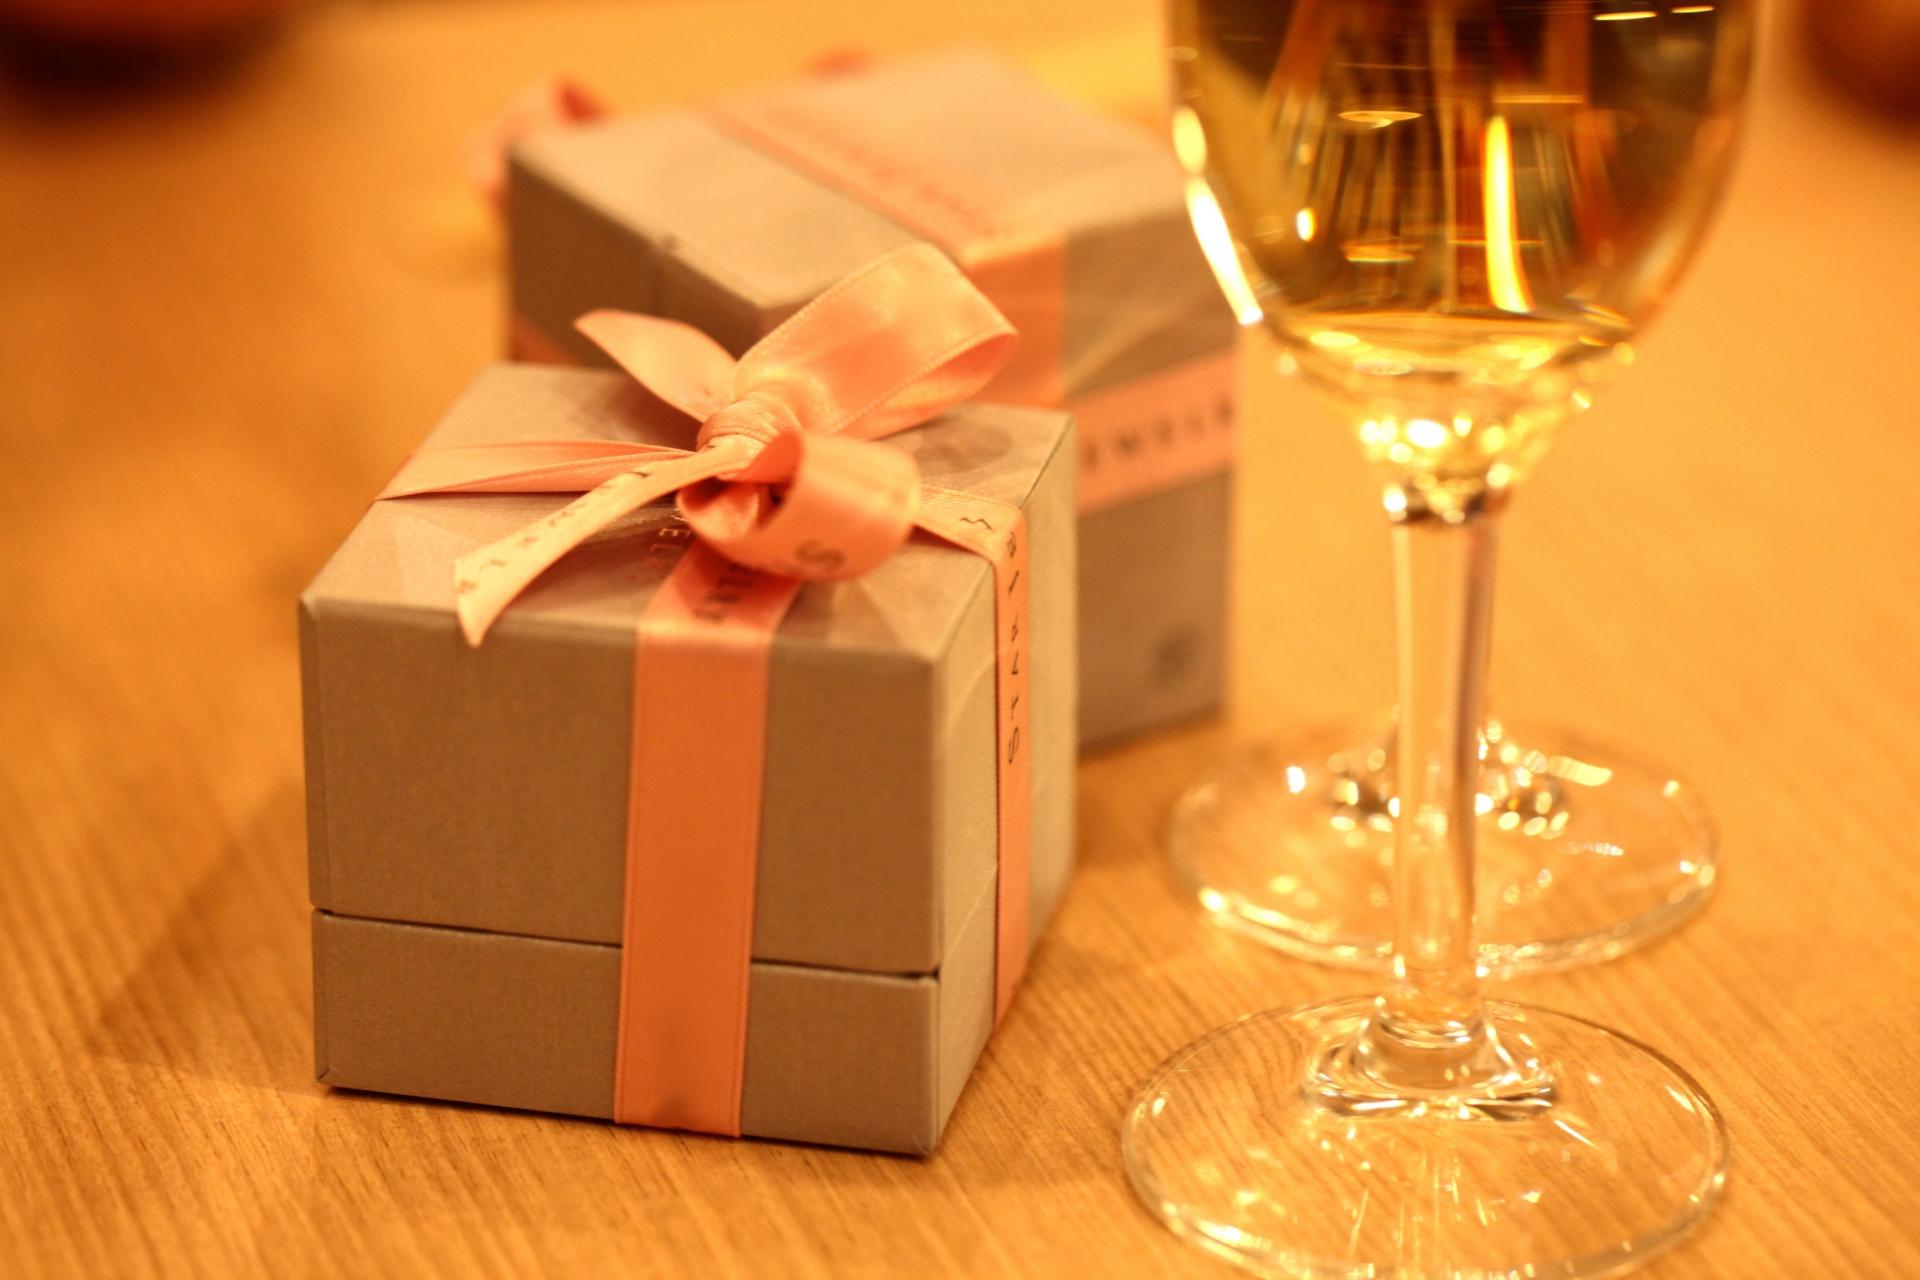 結婚記念日に妻へのプレゼントは花やお食事より思いが詰まった時間の共有を・